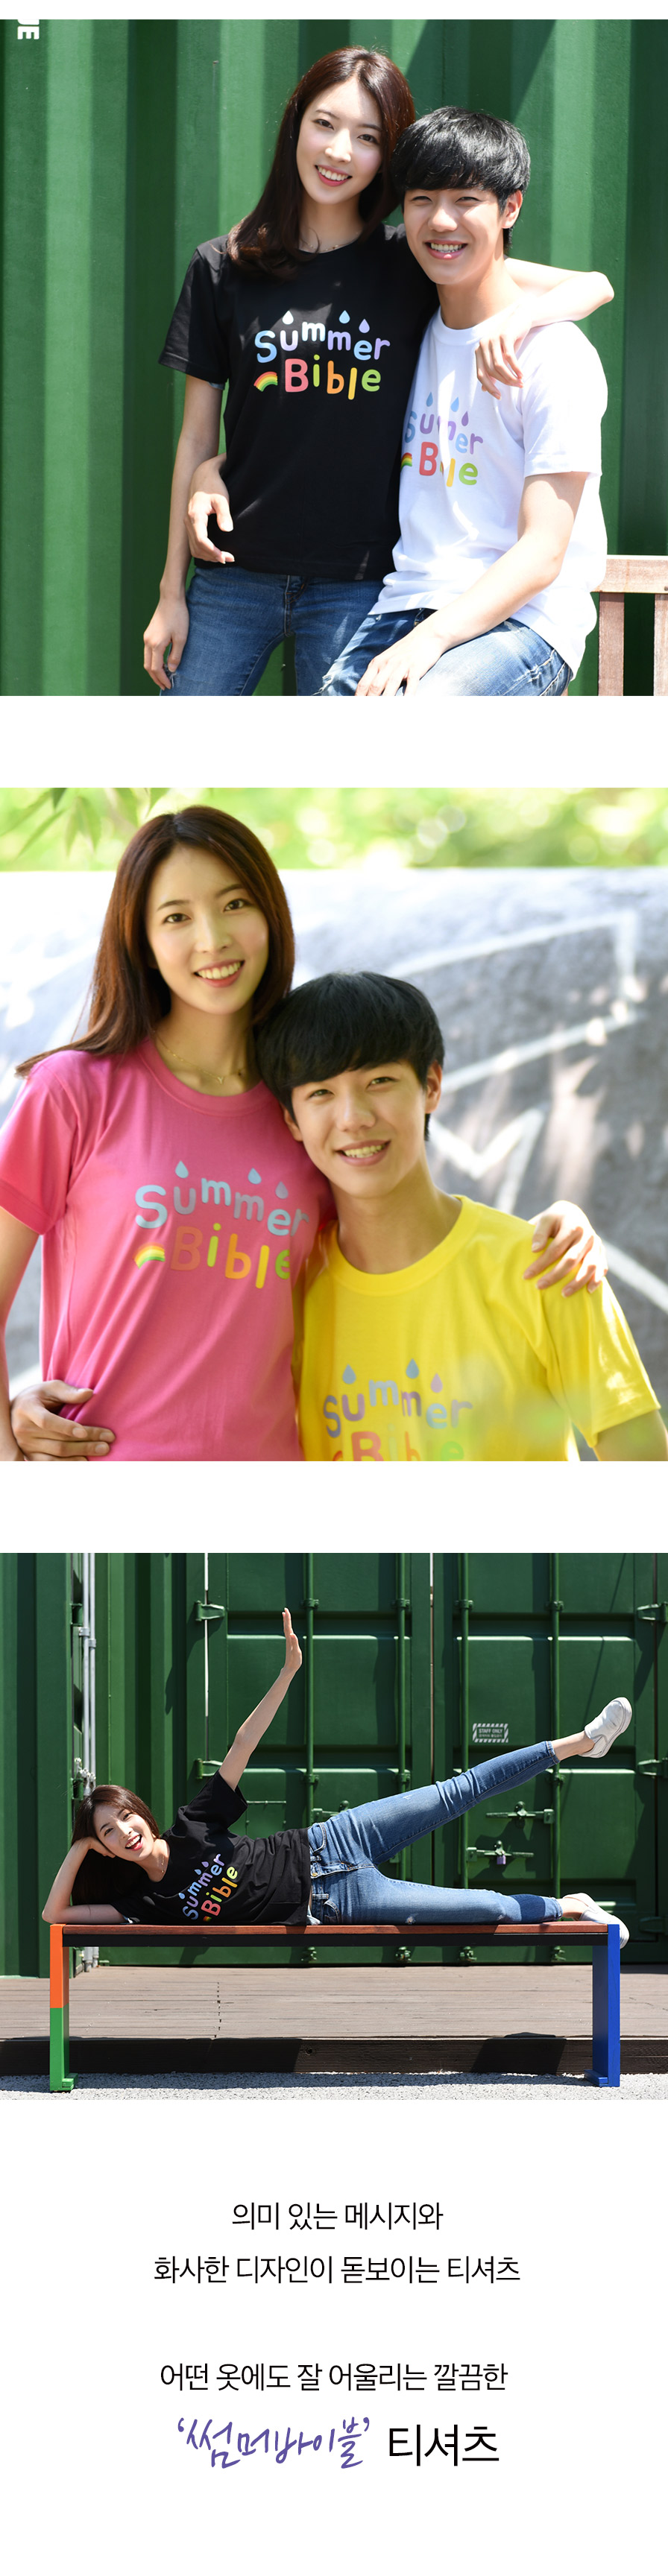 티셔츠 Summer Bible 썸머바이블 성인용